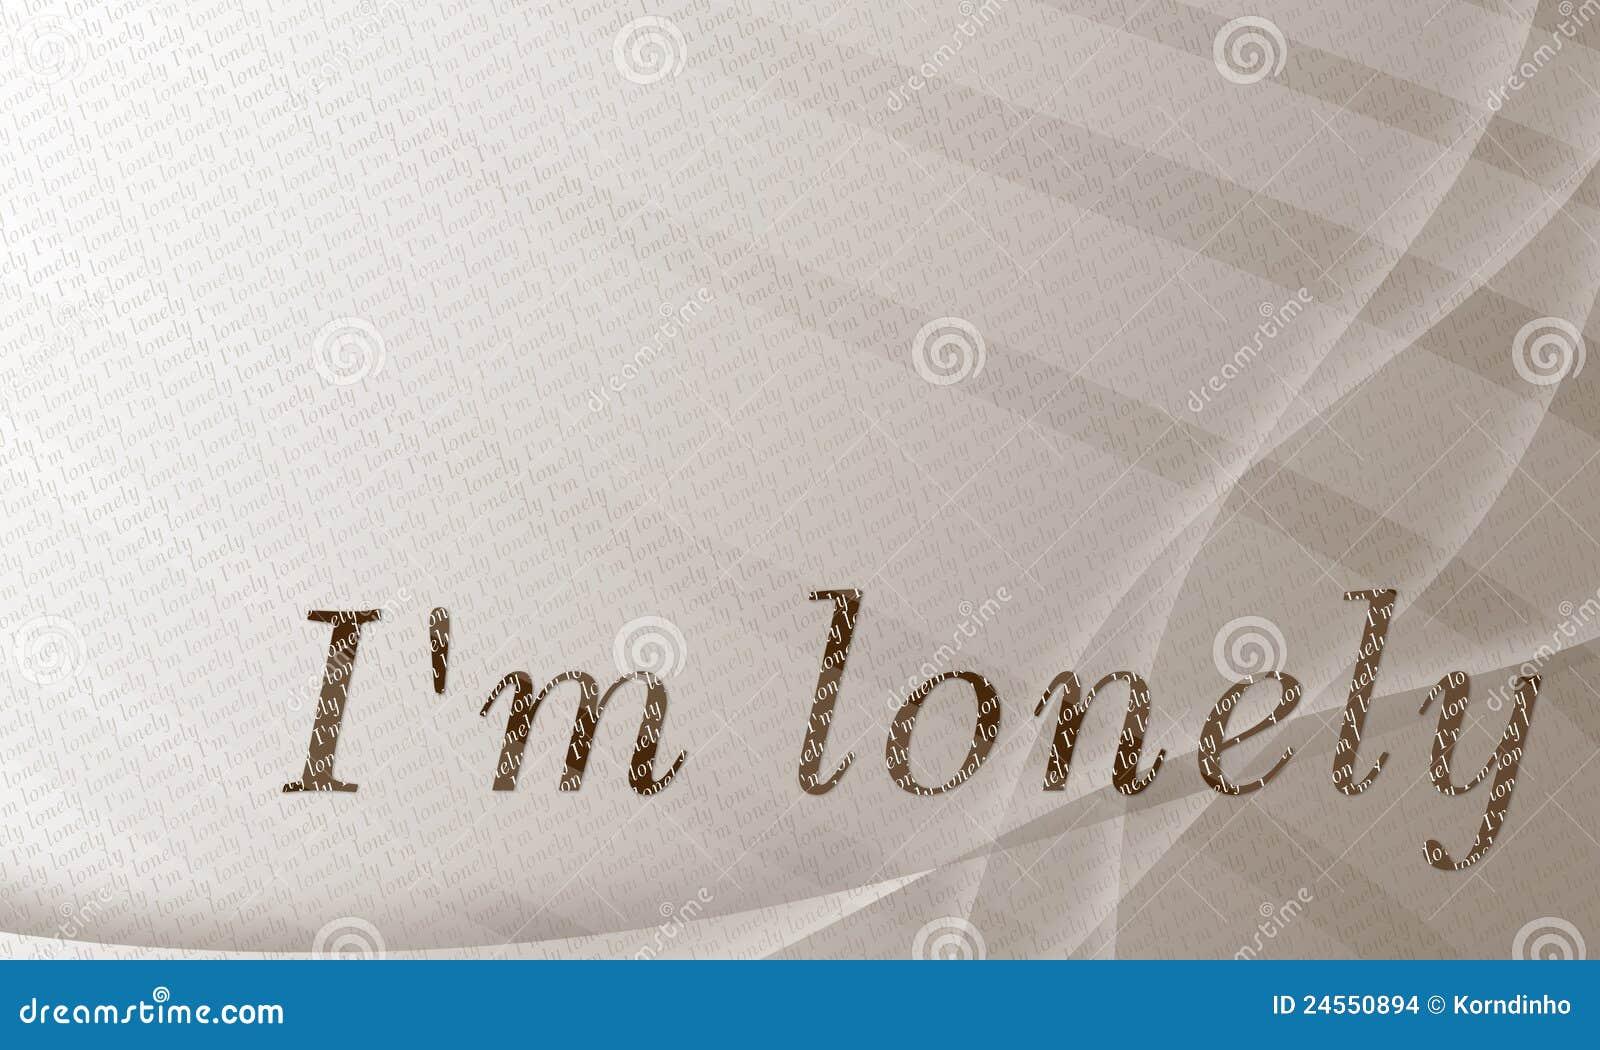 bin ich einsam